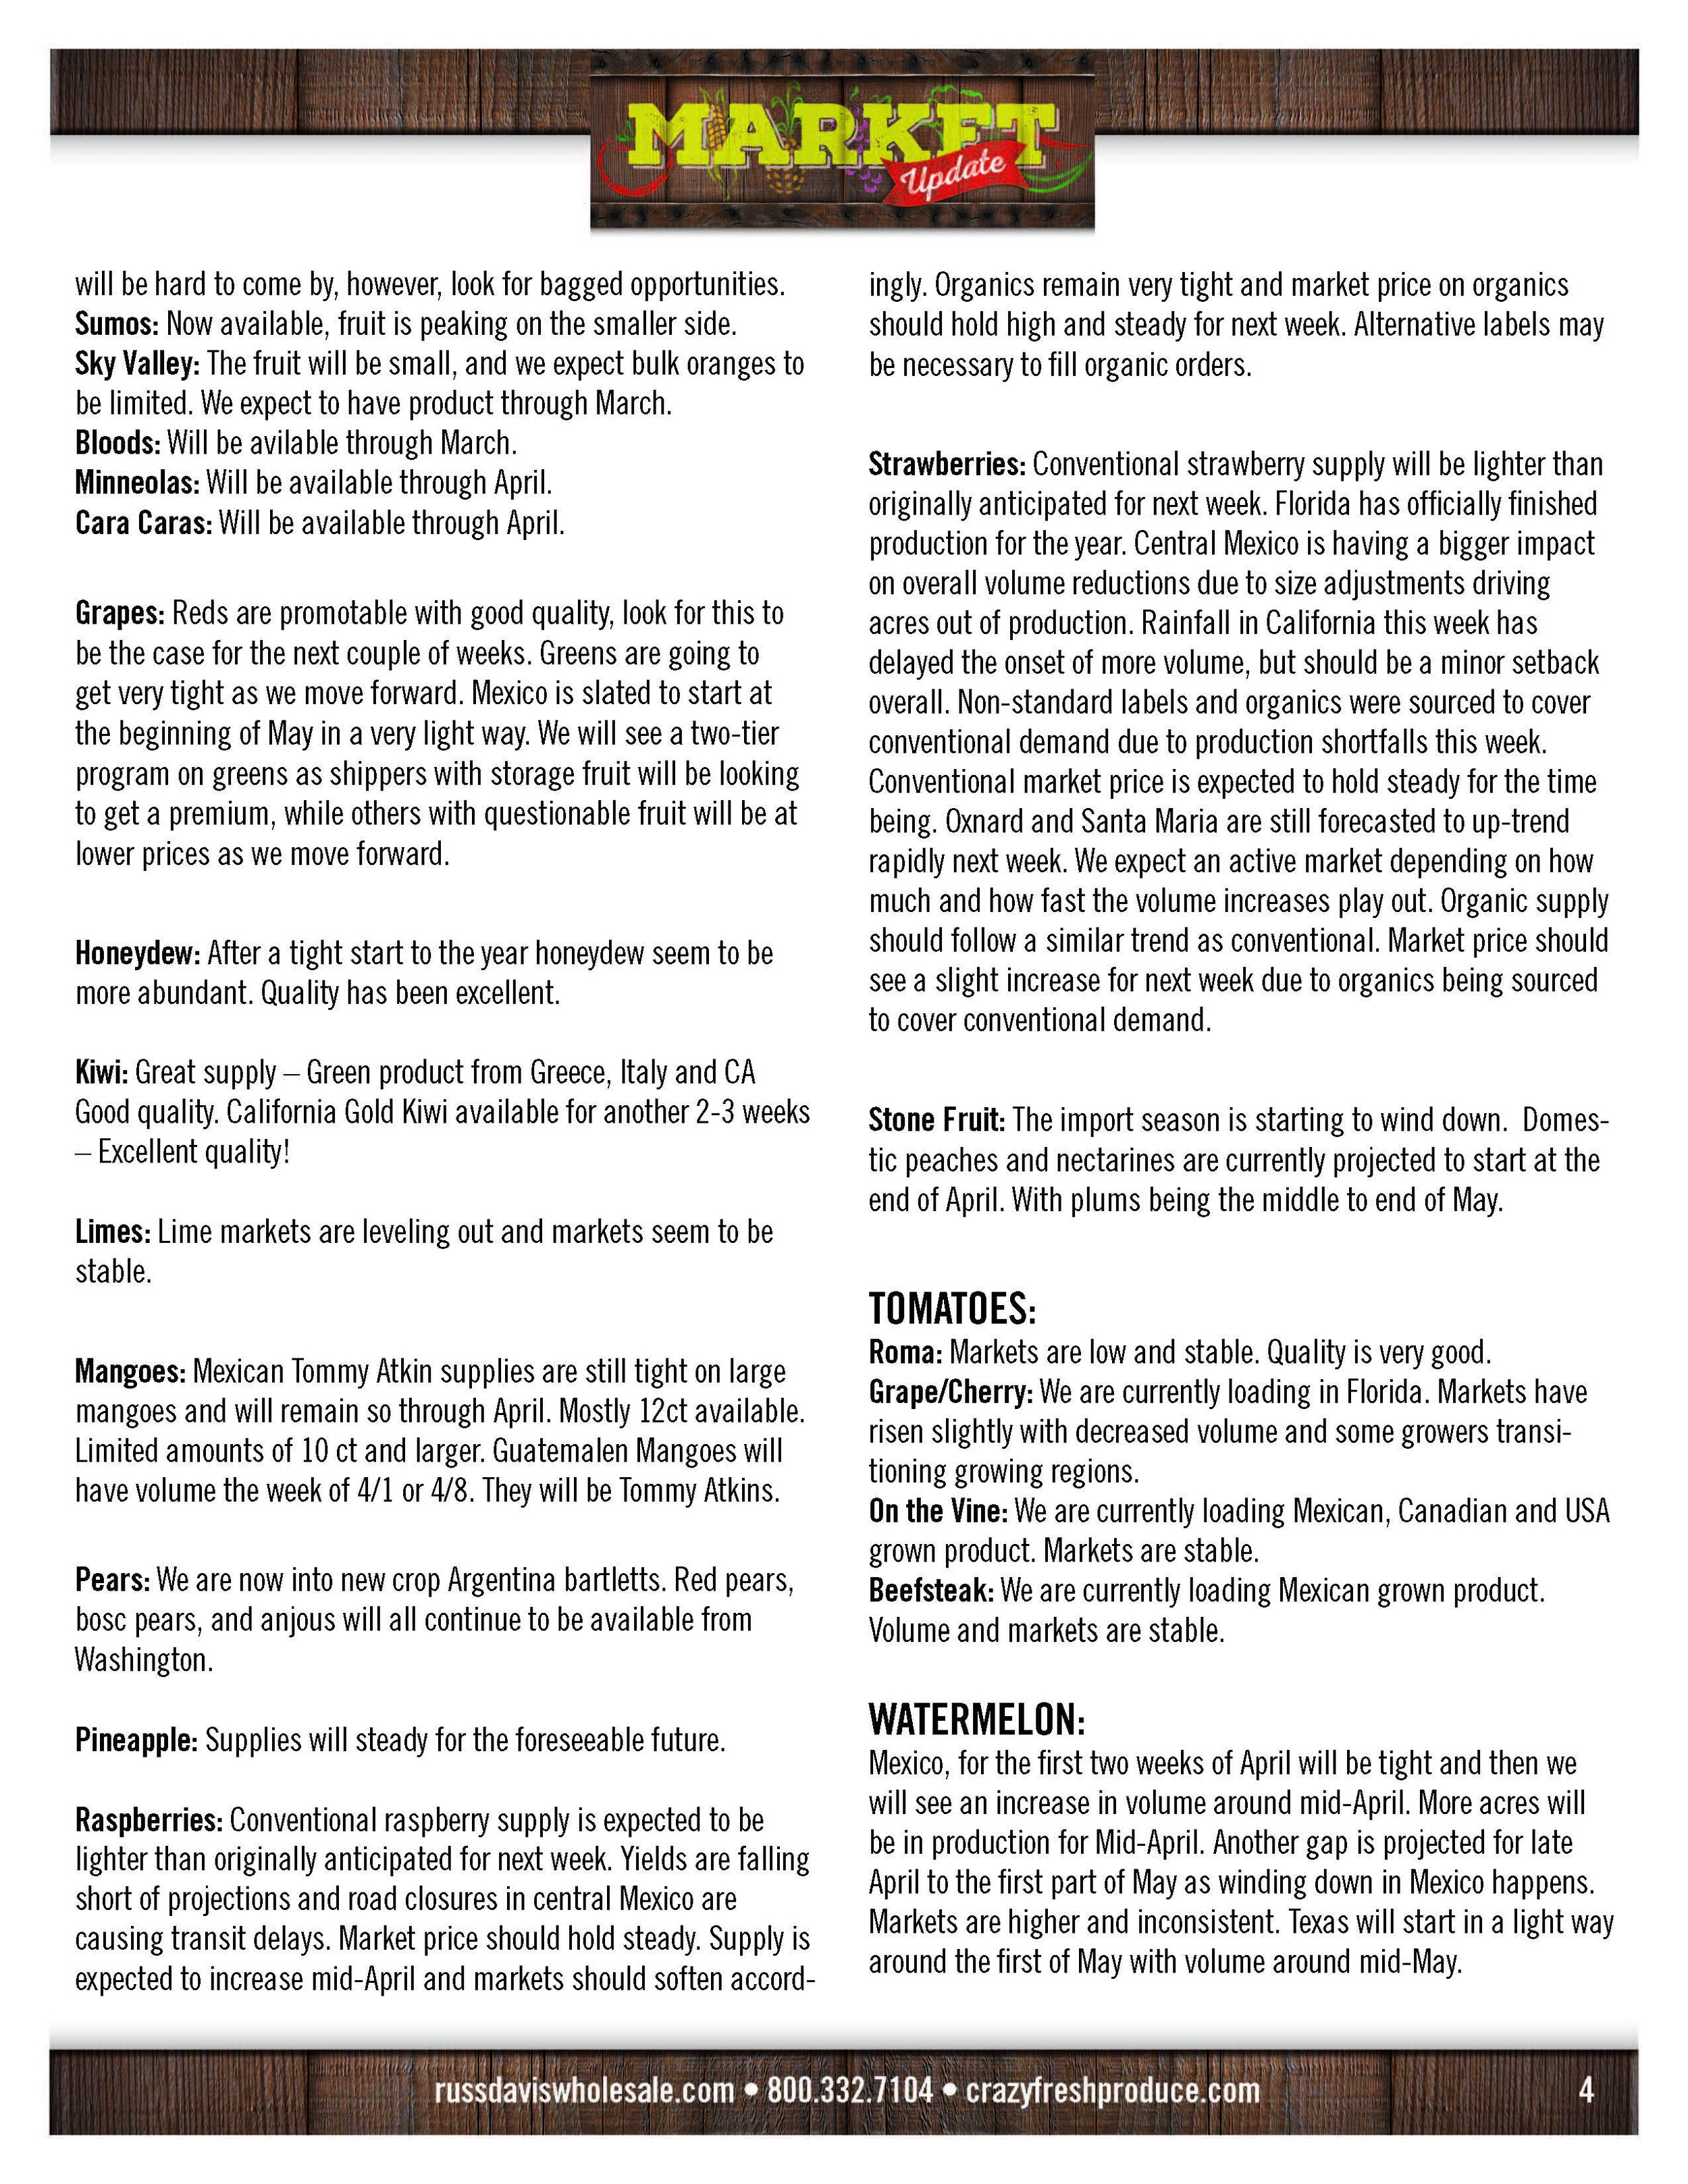 RDW_Market_Update_Mar28_19_Page_4.jpg